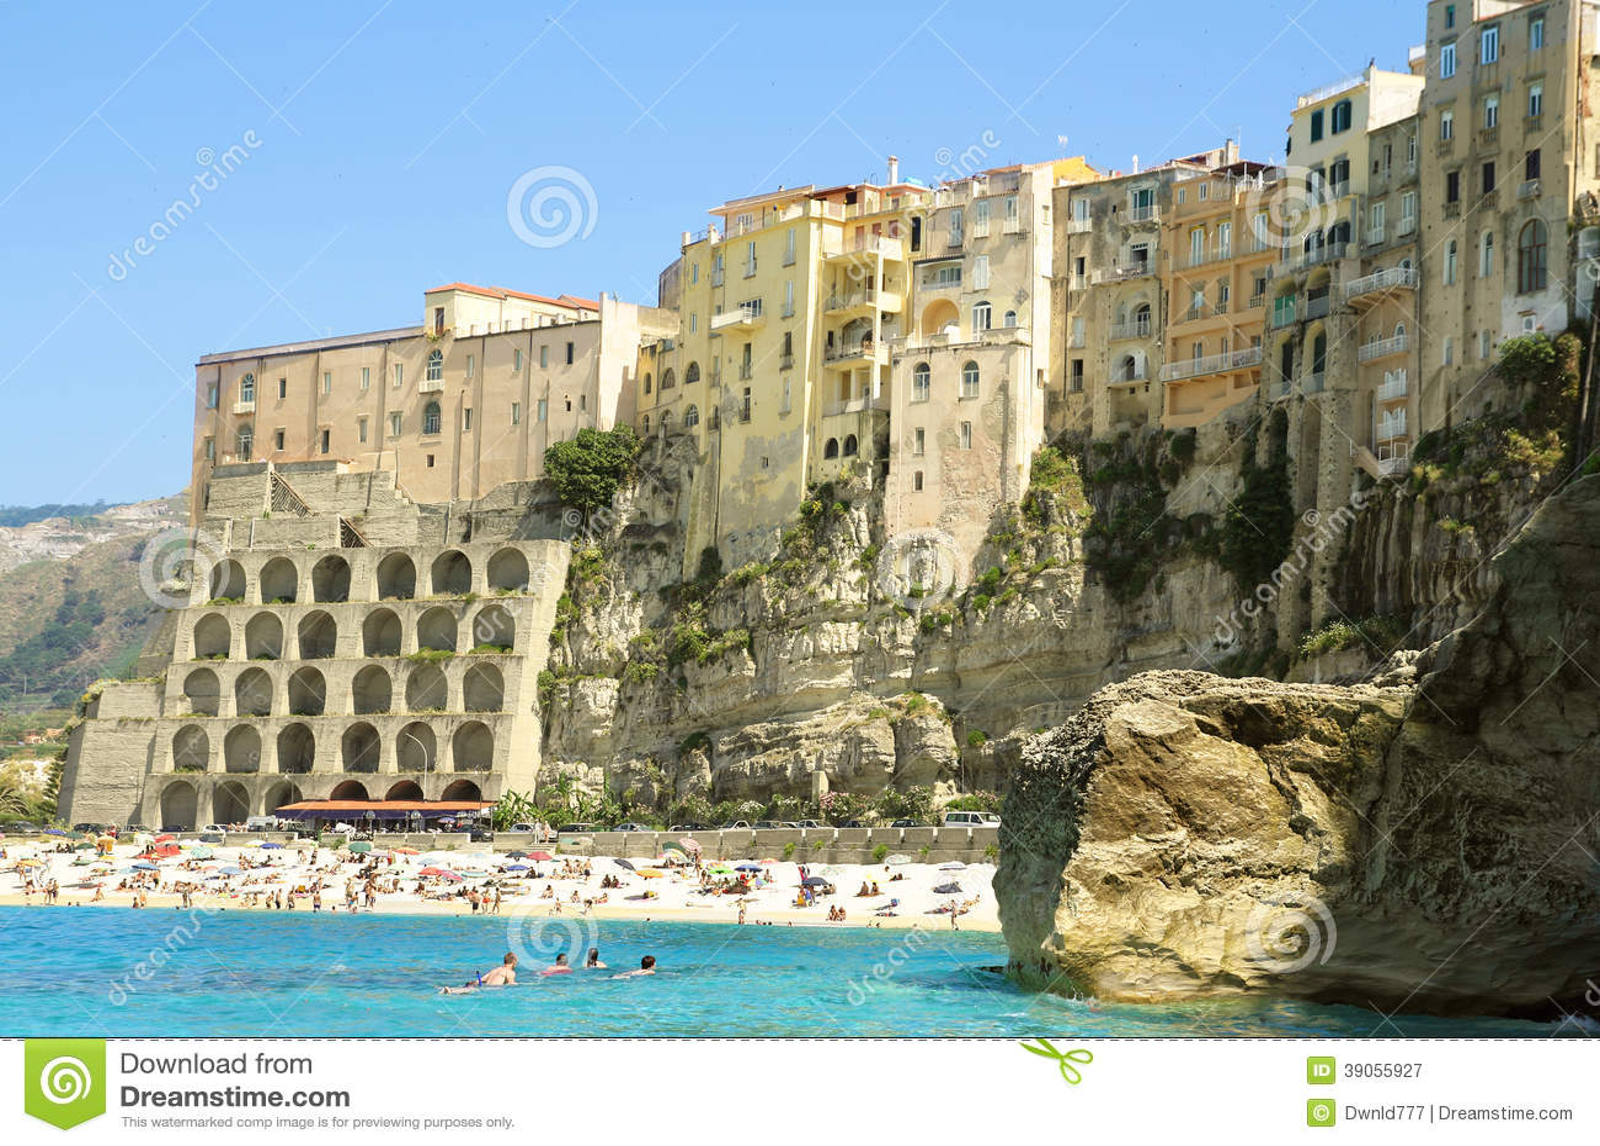 Matrimonio Spiaggia Tropea : Spiaggia di tropea fotografia editoriale immagine